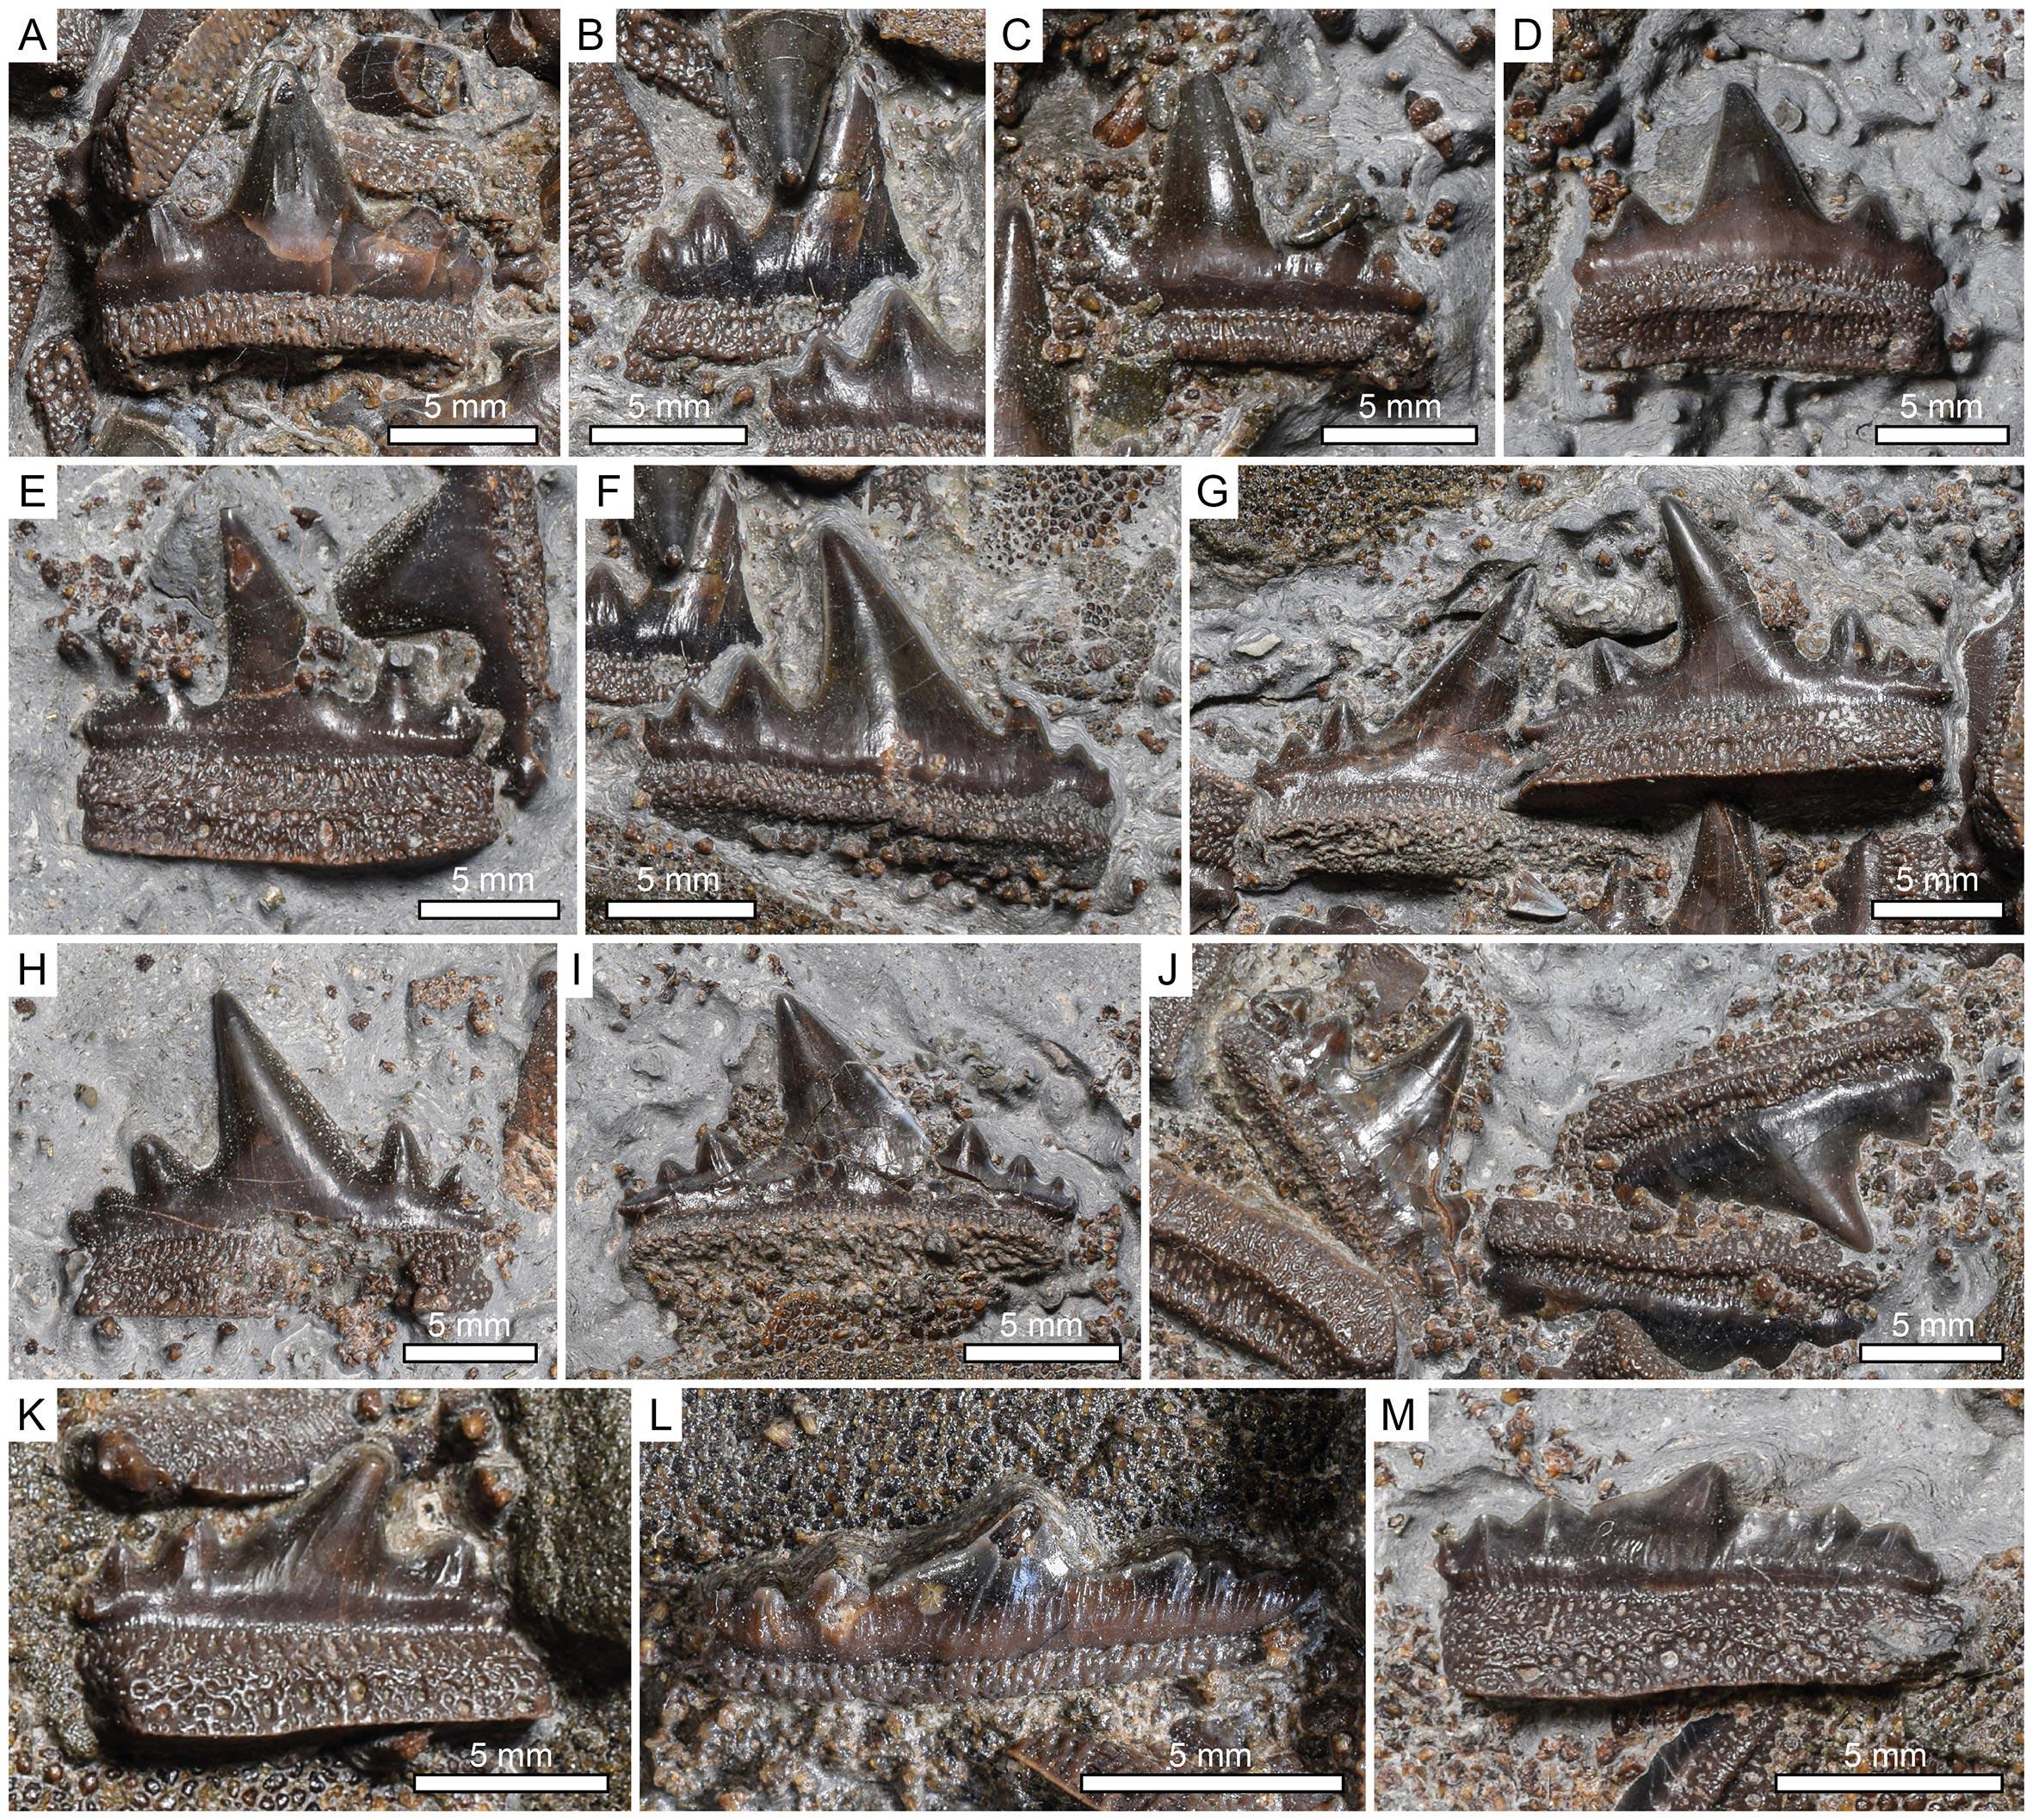 英格兰发现1.5亿年前侏罗纪时期鲨鱼新品种Durnonovariaodus Maiseyi